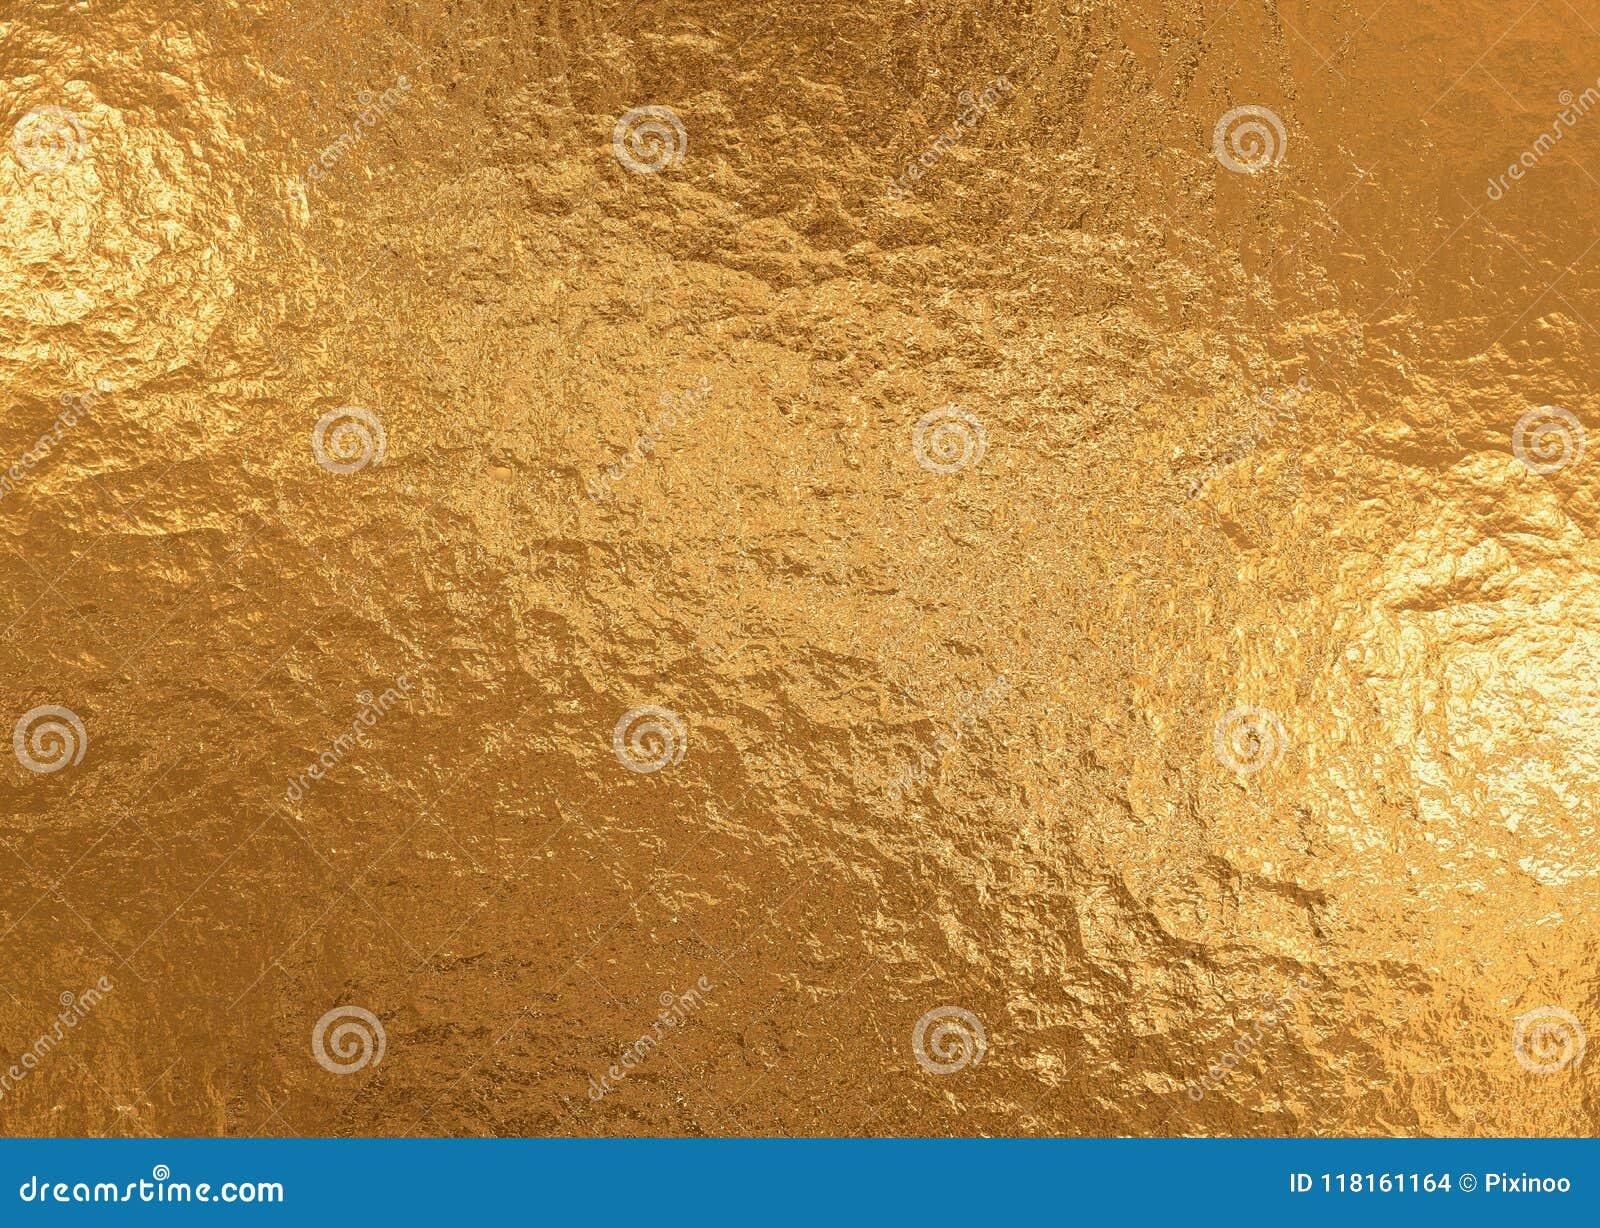 Χρυσό μεταλλικό υπόβαθρο, σύσταση λινού, φωτεινό εορταστικό υπόβαθρο